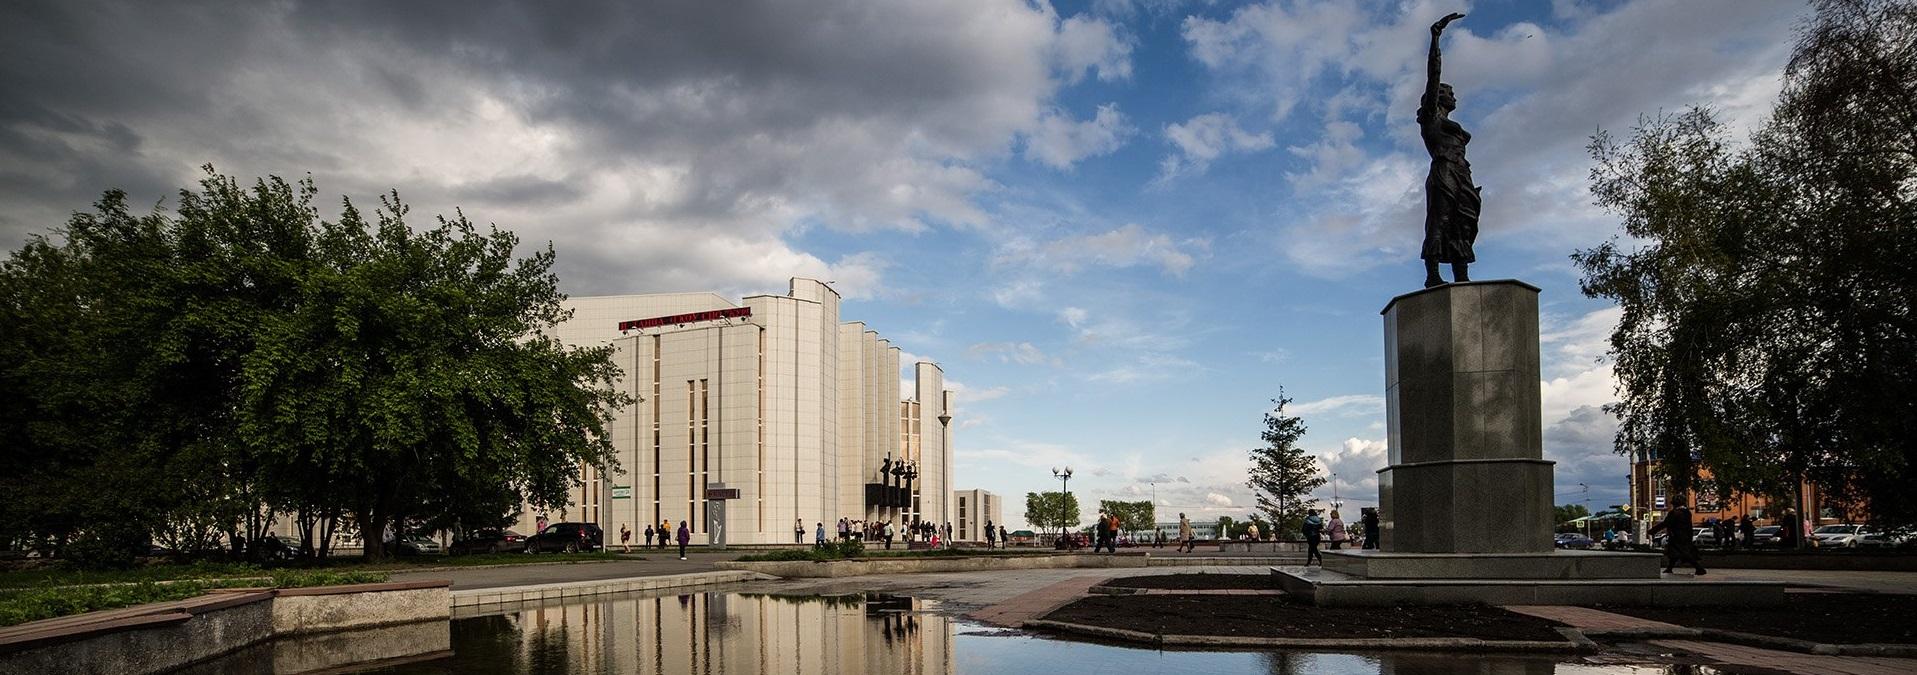 Грузоперевозки из Москвы в Курган